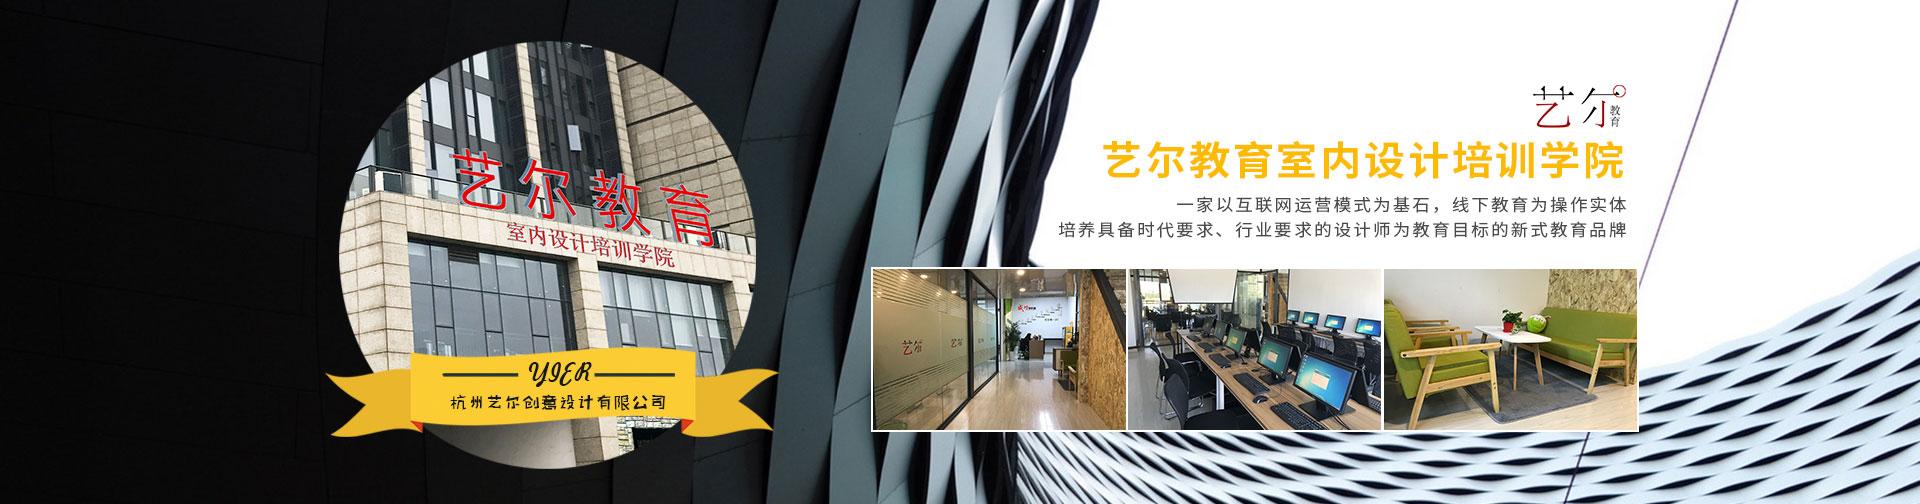 杭州艺尔创意设计有限公司